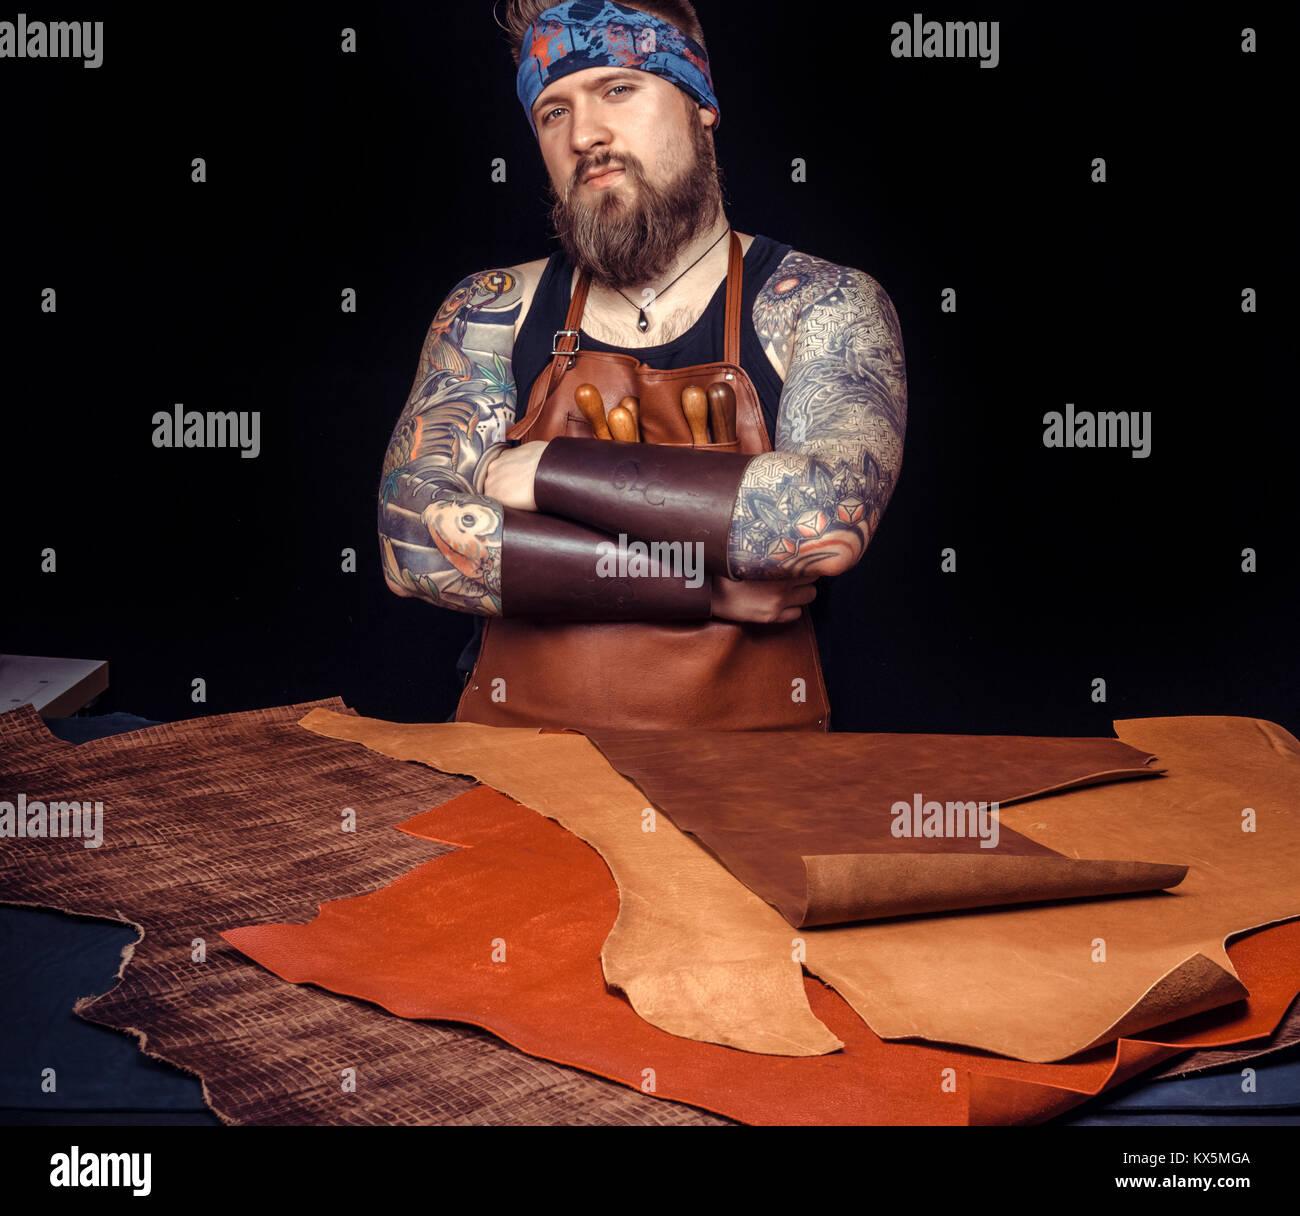 Workman cuir travaille avec des articles en cuir Photo Stock